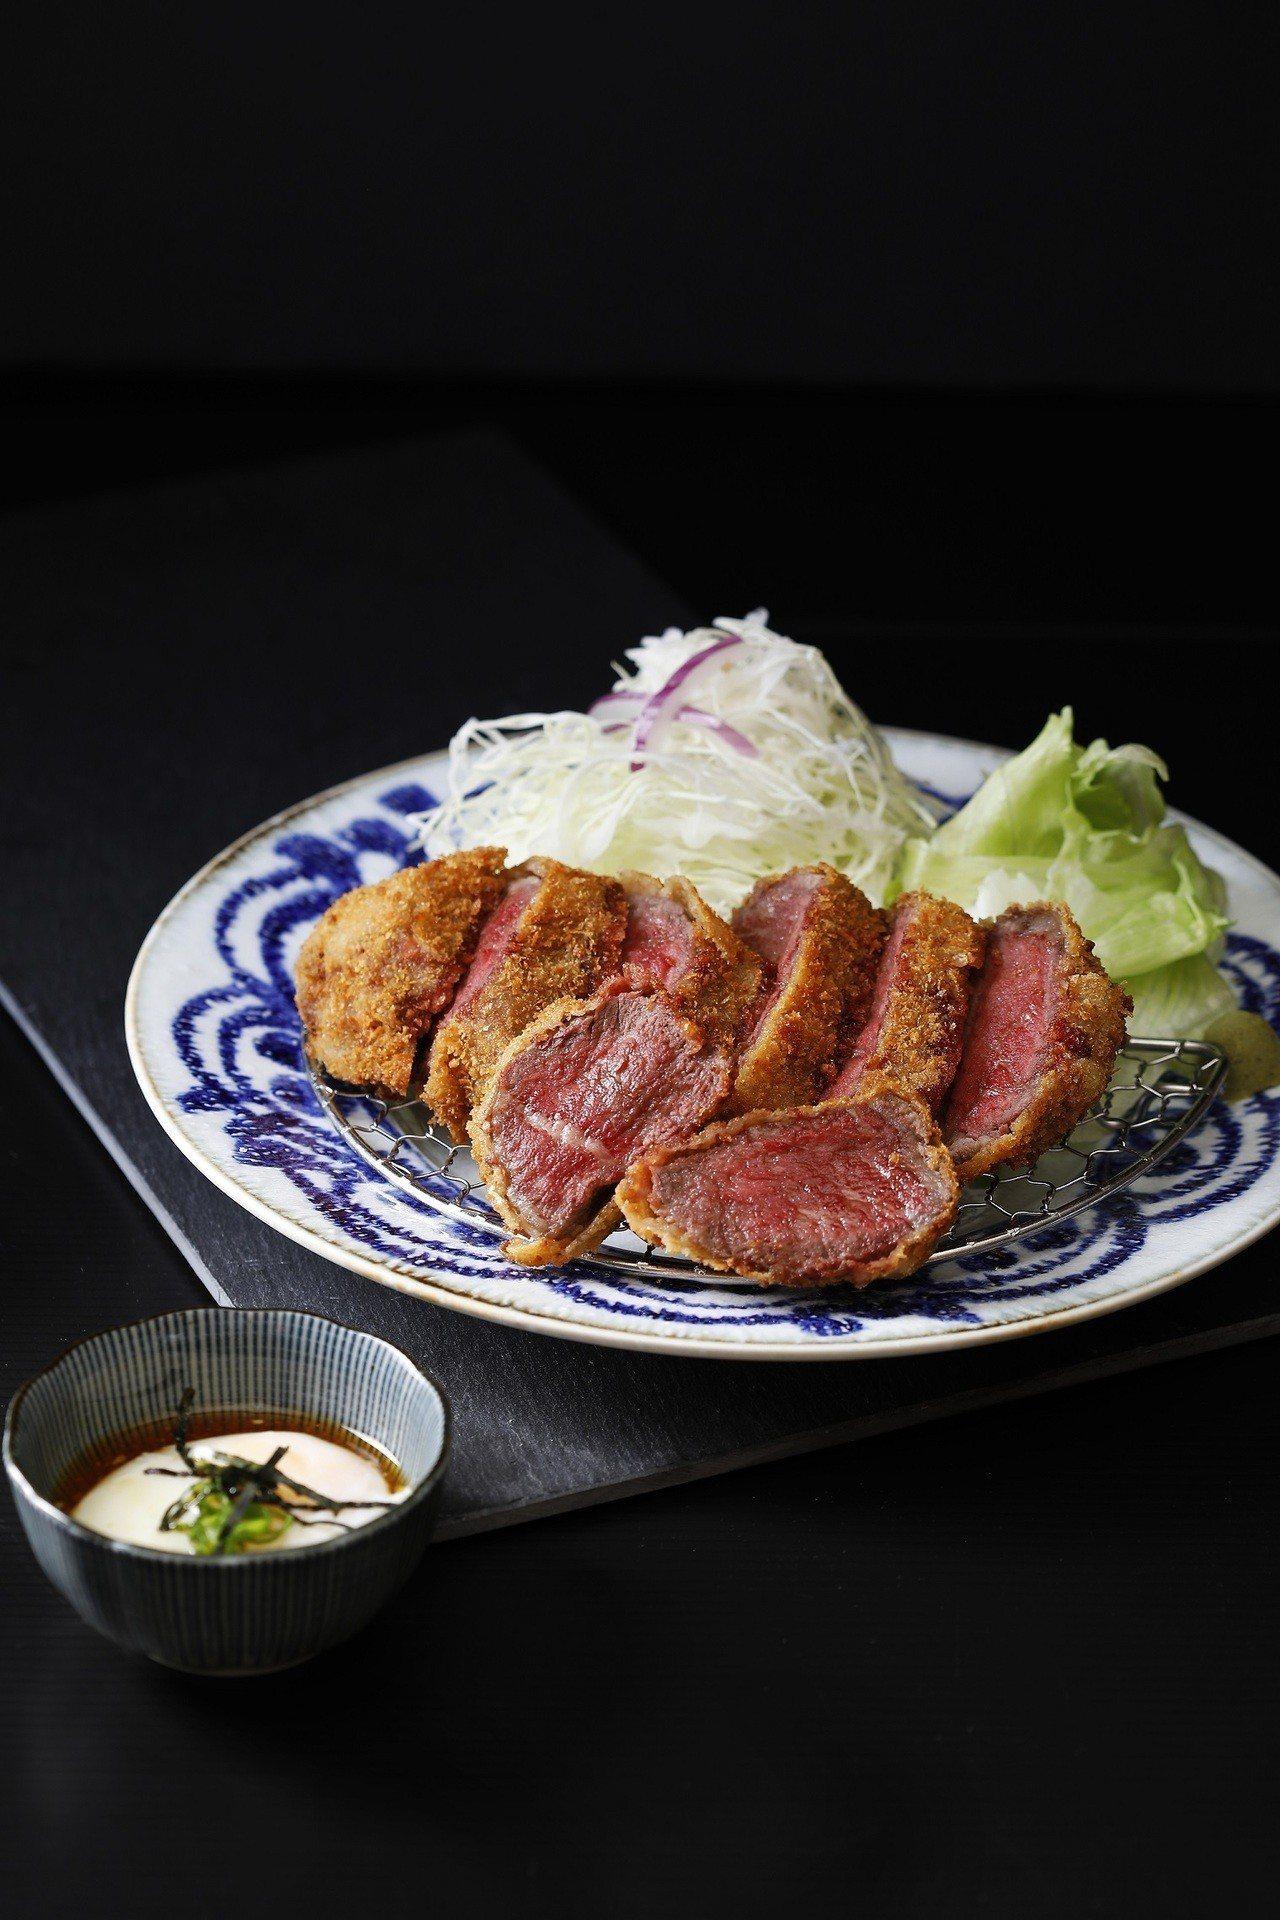 台灣限定的極上和牛,售價520元。圖/王座國際餐飲提供